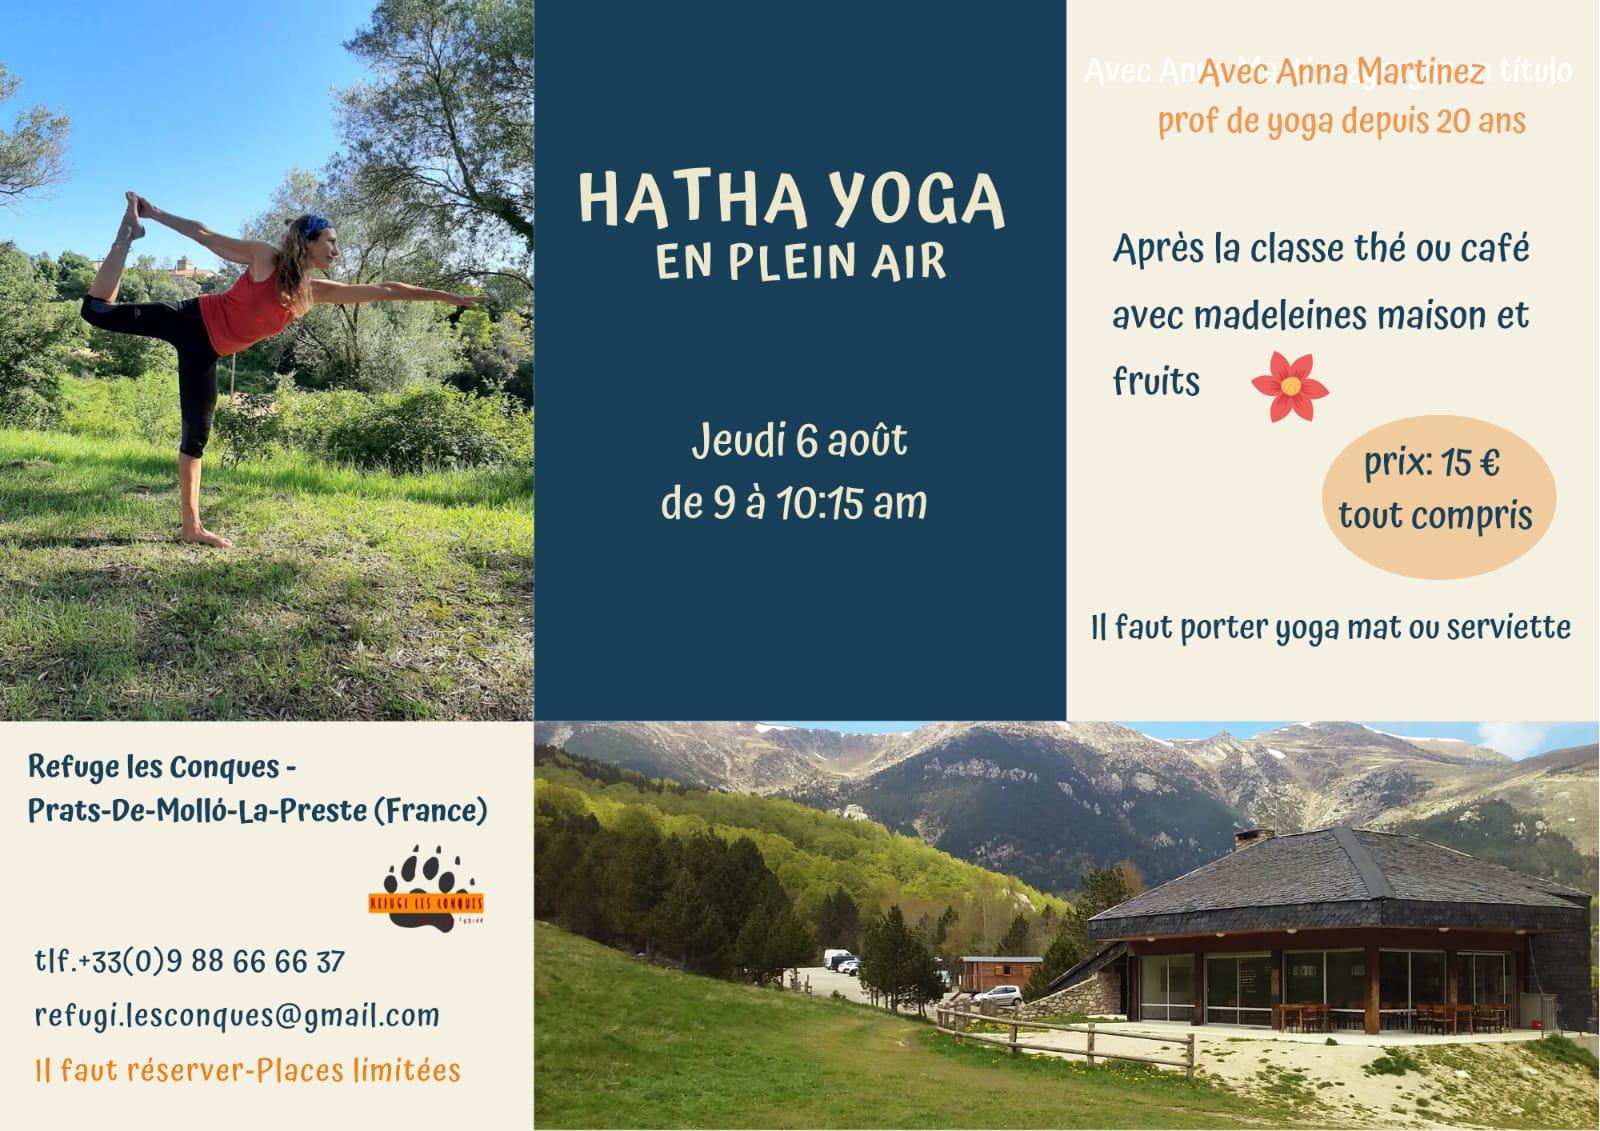 Hatha Yoga en plein air